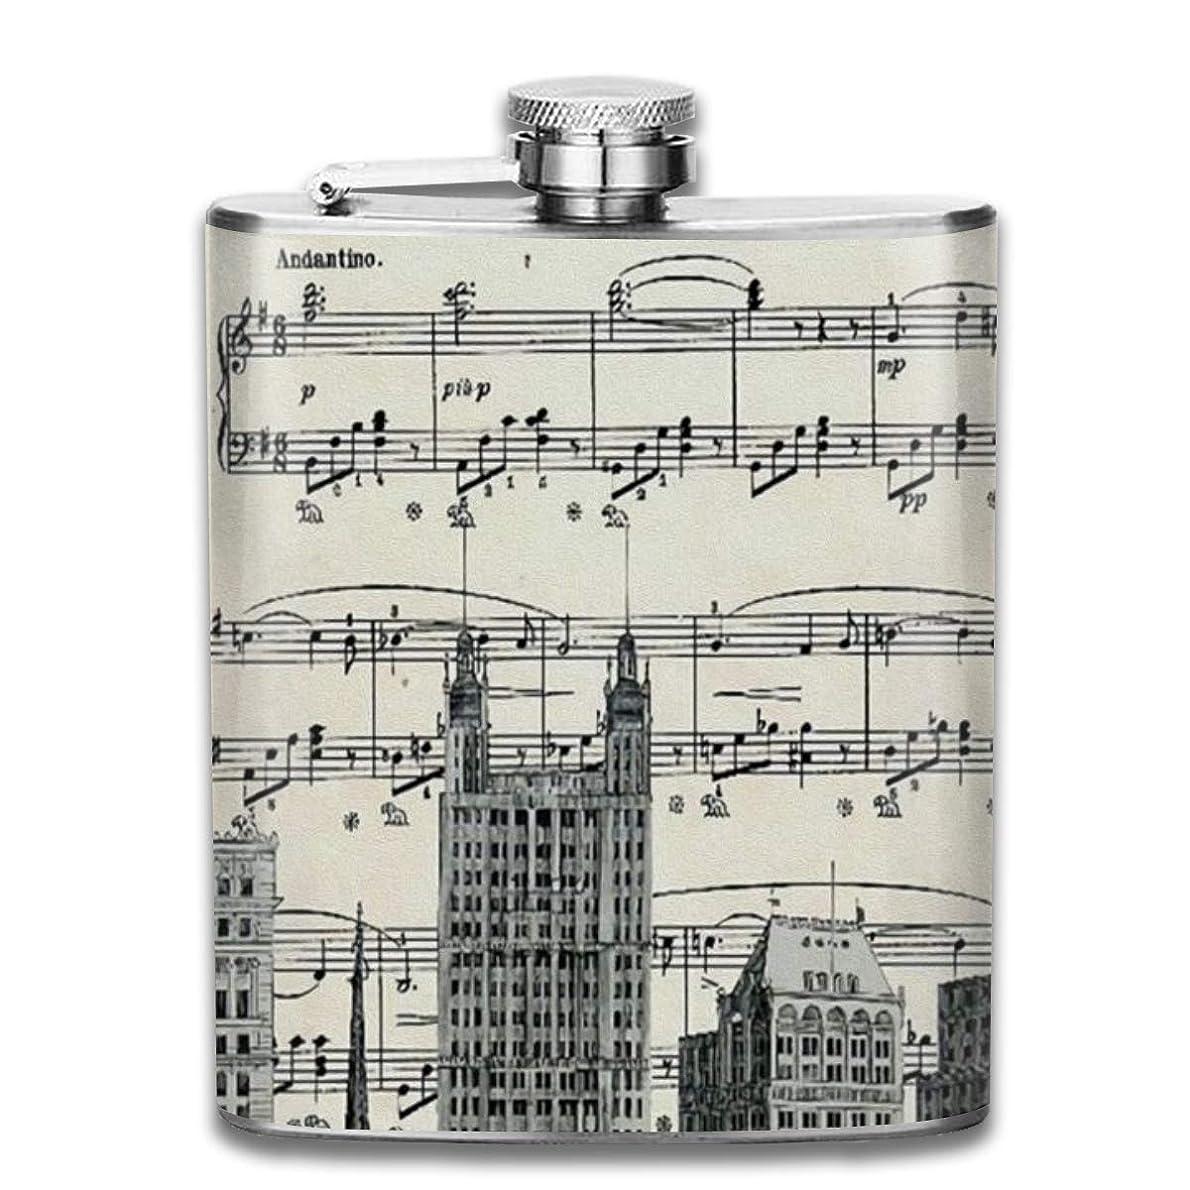 ロール非アクティブリアルニューヨークの歌フラスコ スキットル ヒップフラスコ 7オンス 206ml 高品質ステンレス製 ウイスキー アルコール 清酒 携帯 ボトル